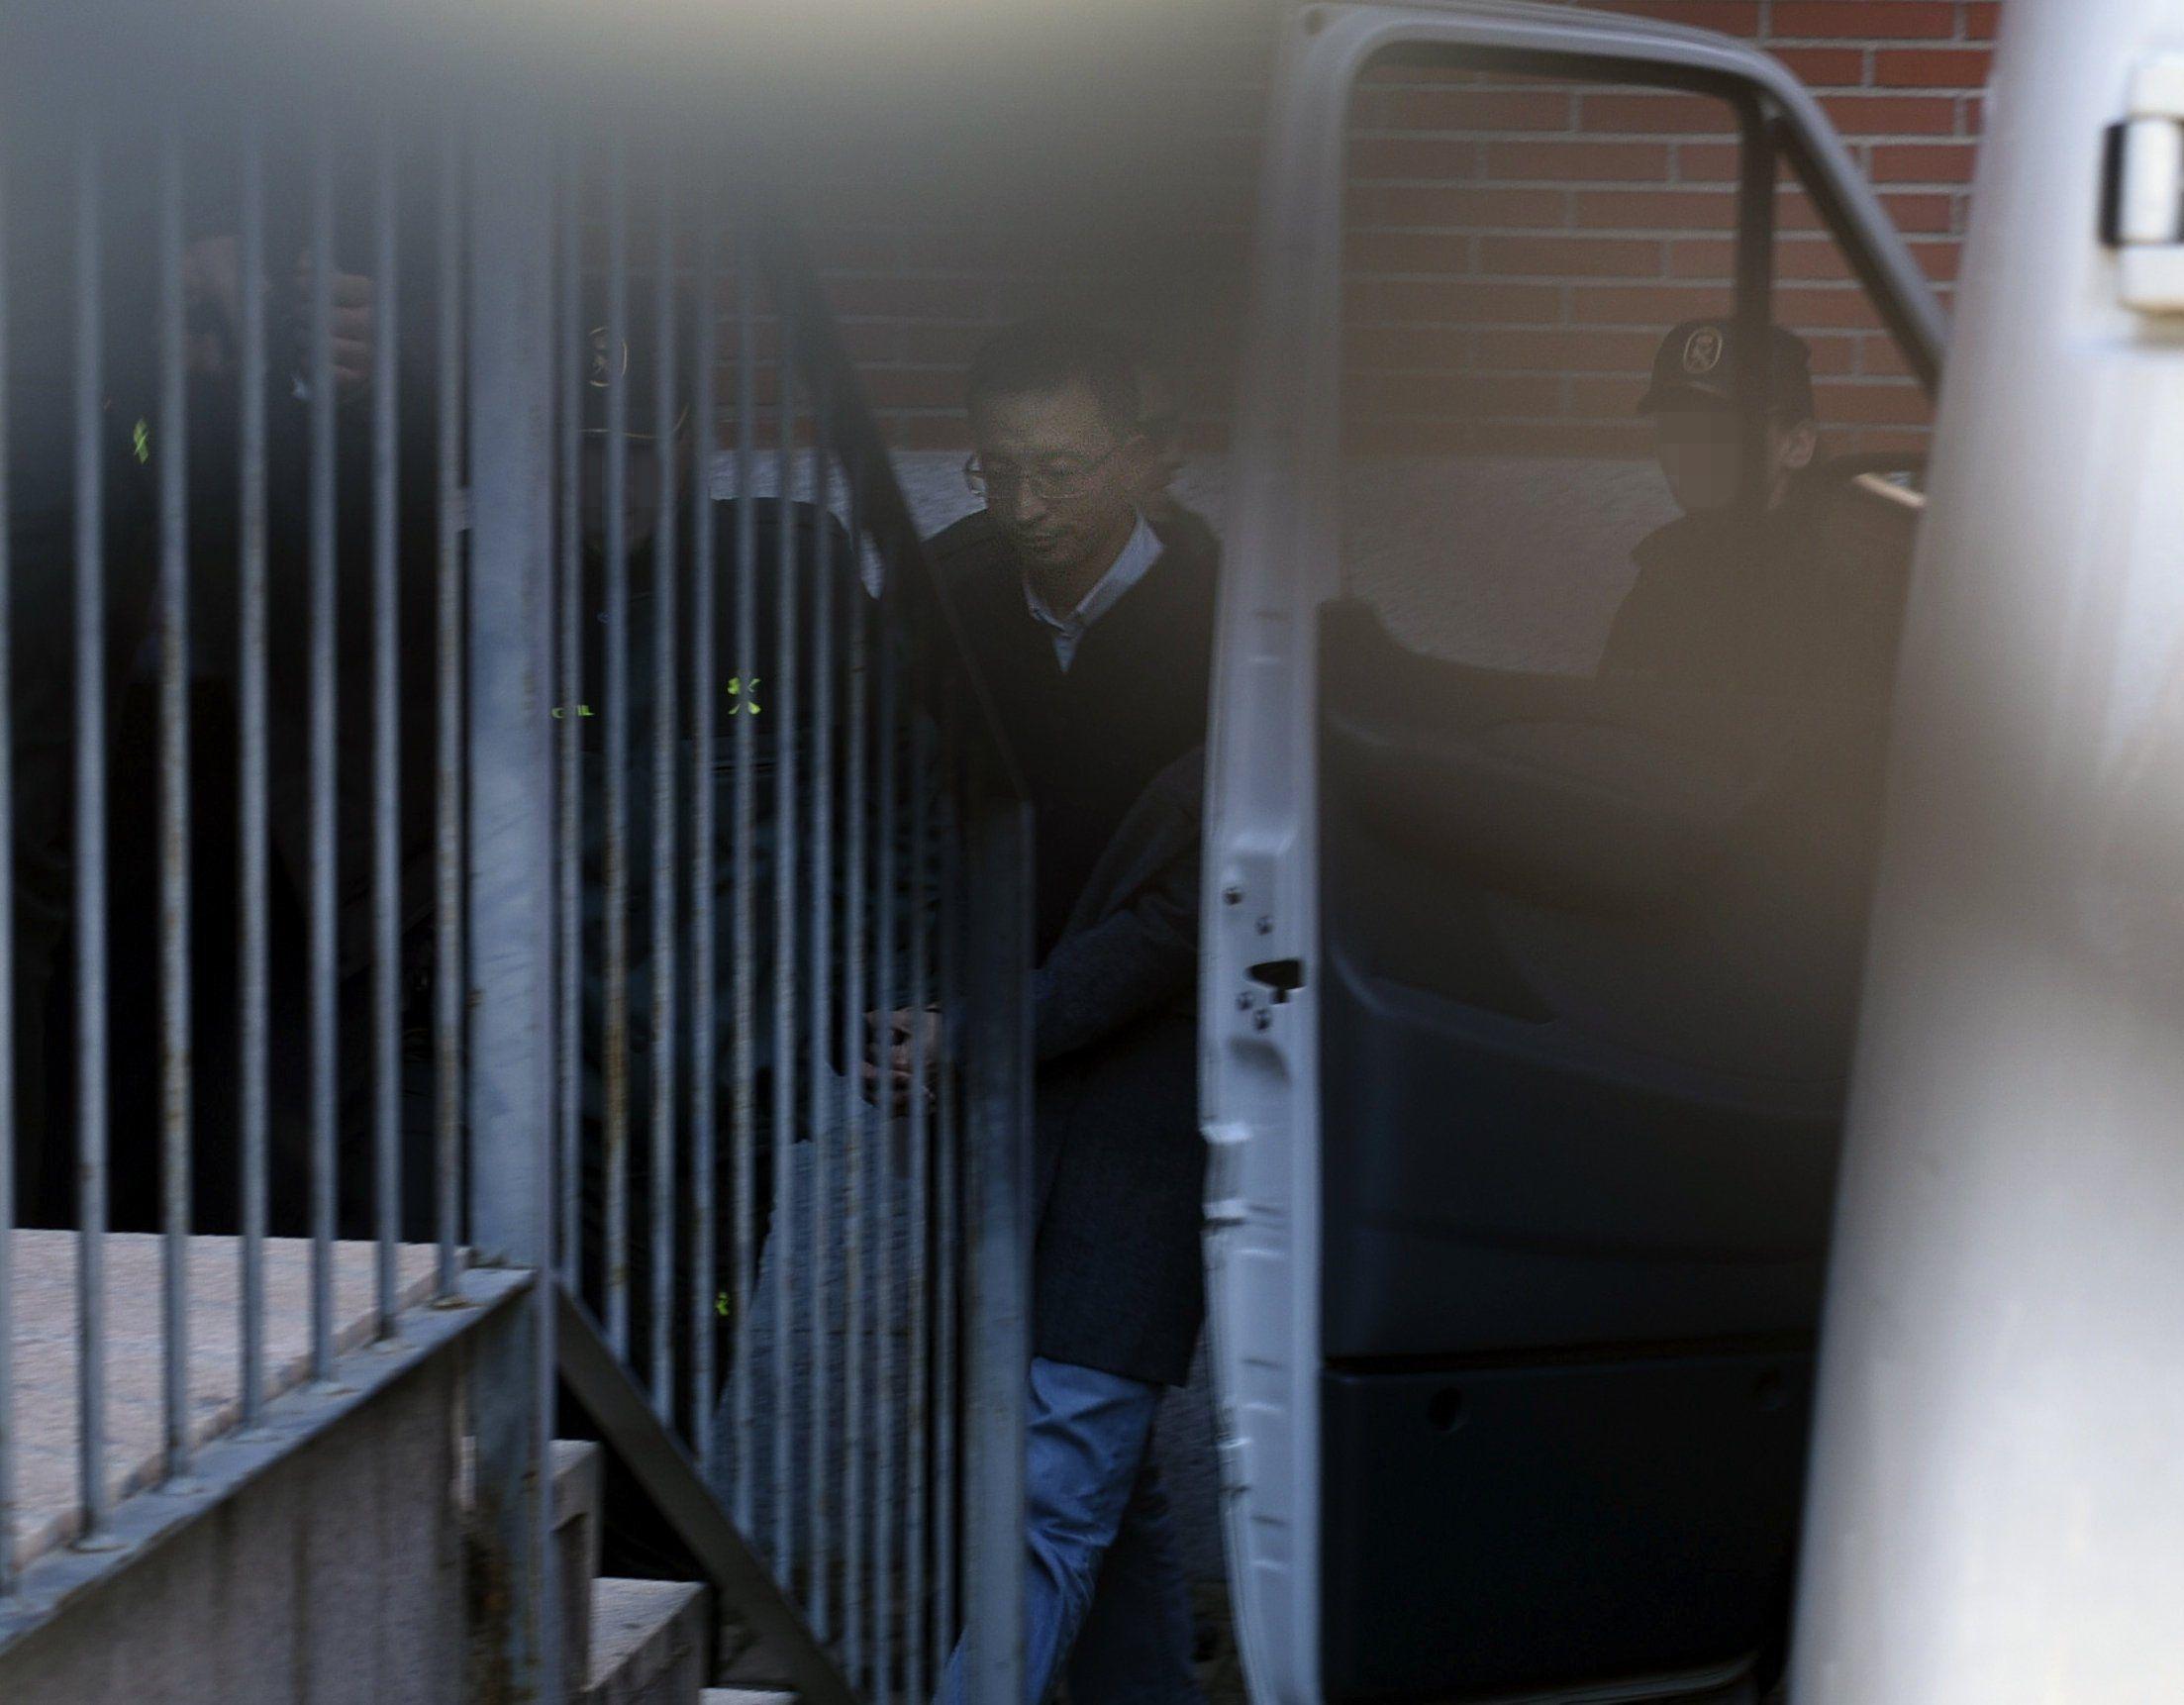 Tres directivos del ICBC pagan la fianza de 100.000 euros impuesta por el juez para dejar la prisión https://t.co/6QS2oXZNiY #España